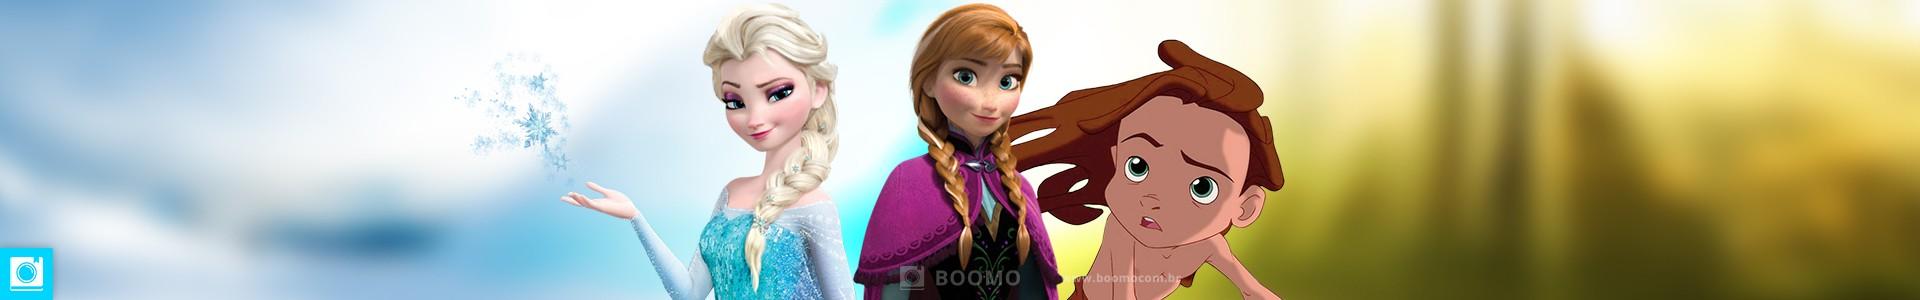 Tarzan é irmão das princesas Elsa e Anna de Frozen?